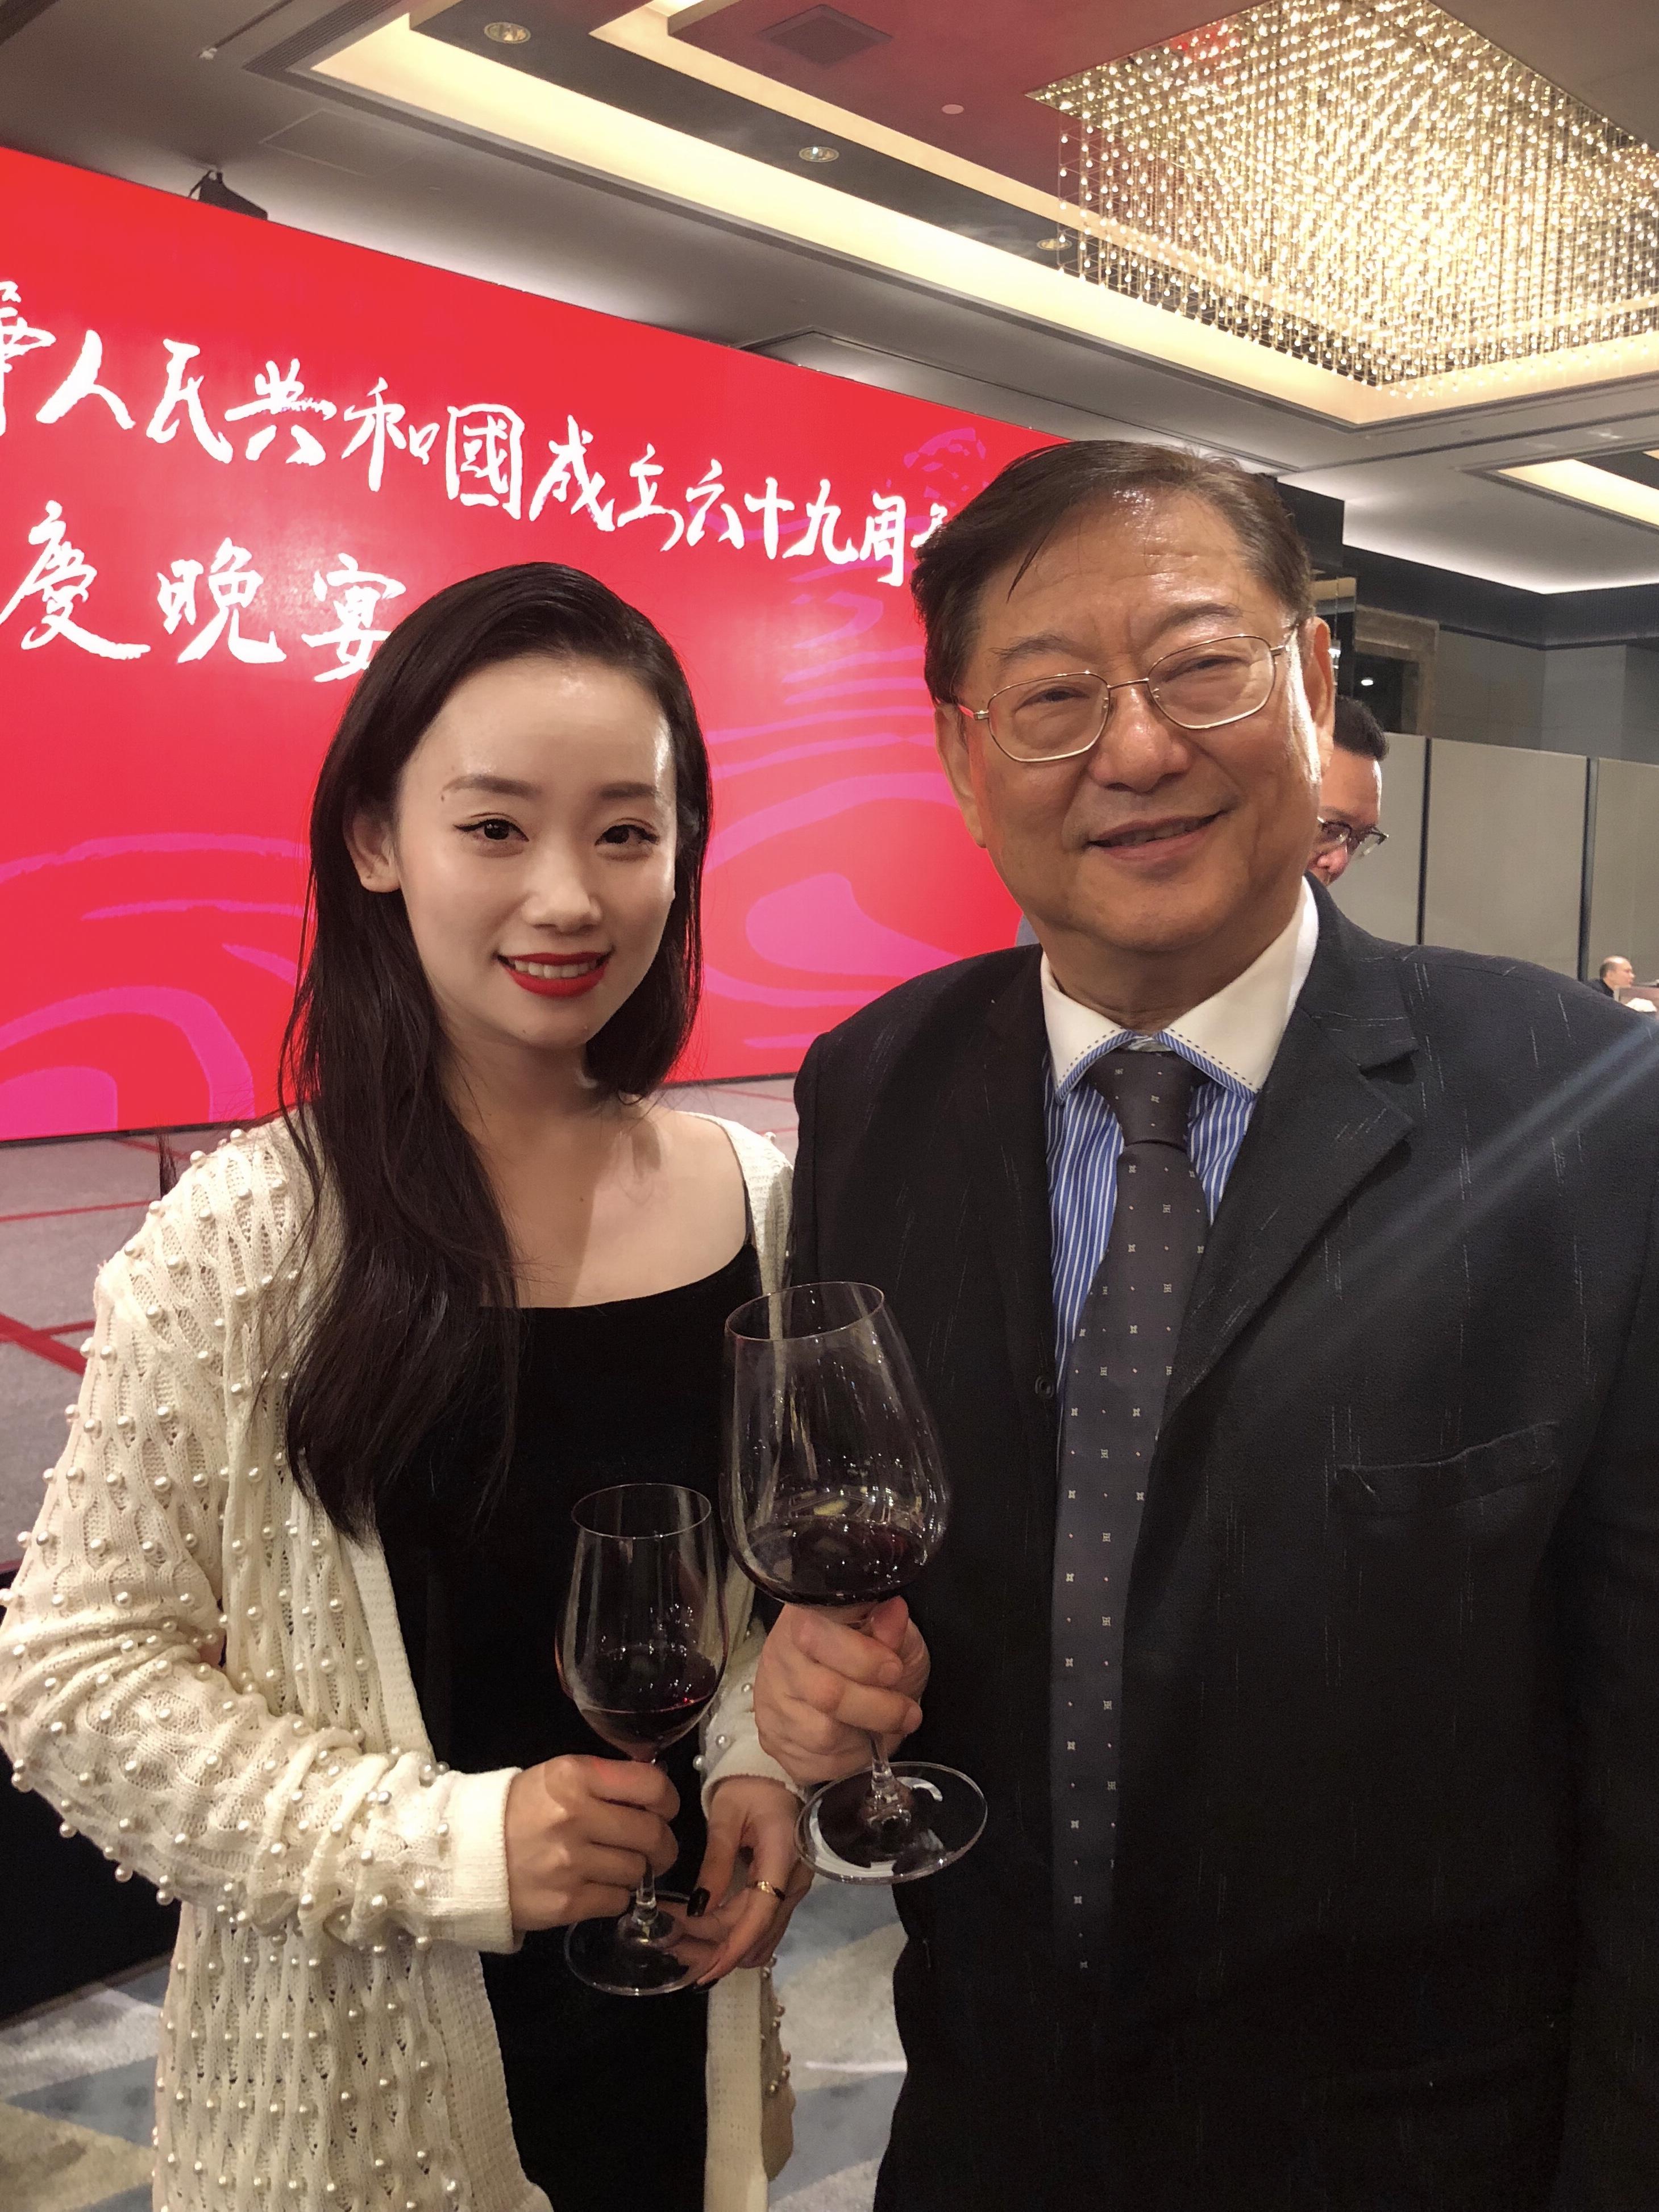 杜少杰与古天乐、赵涛等参加香港庆祝建国69周年晚宴